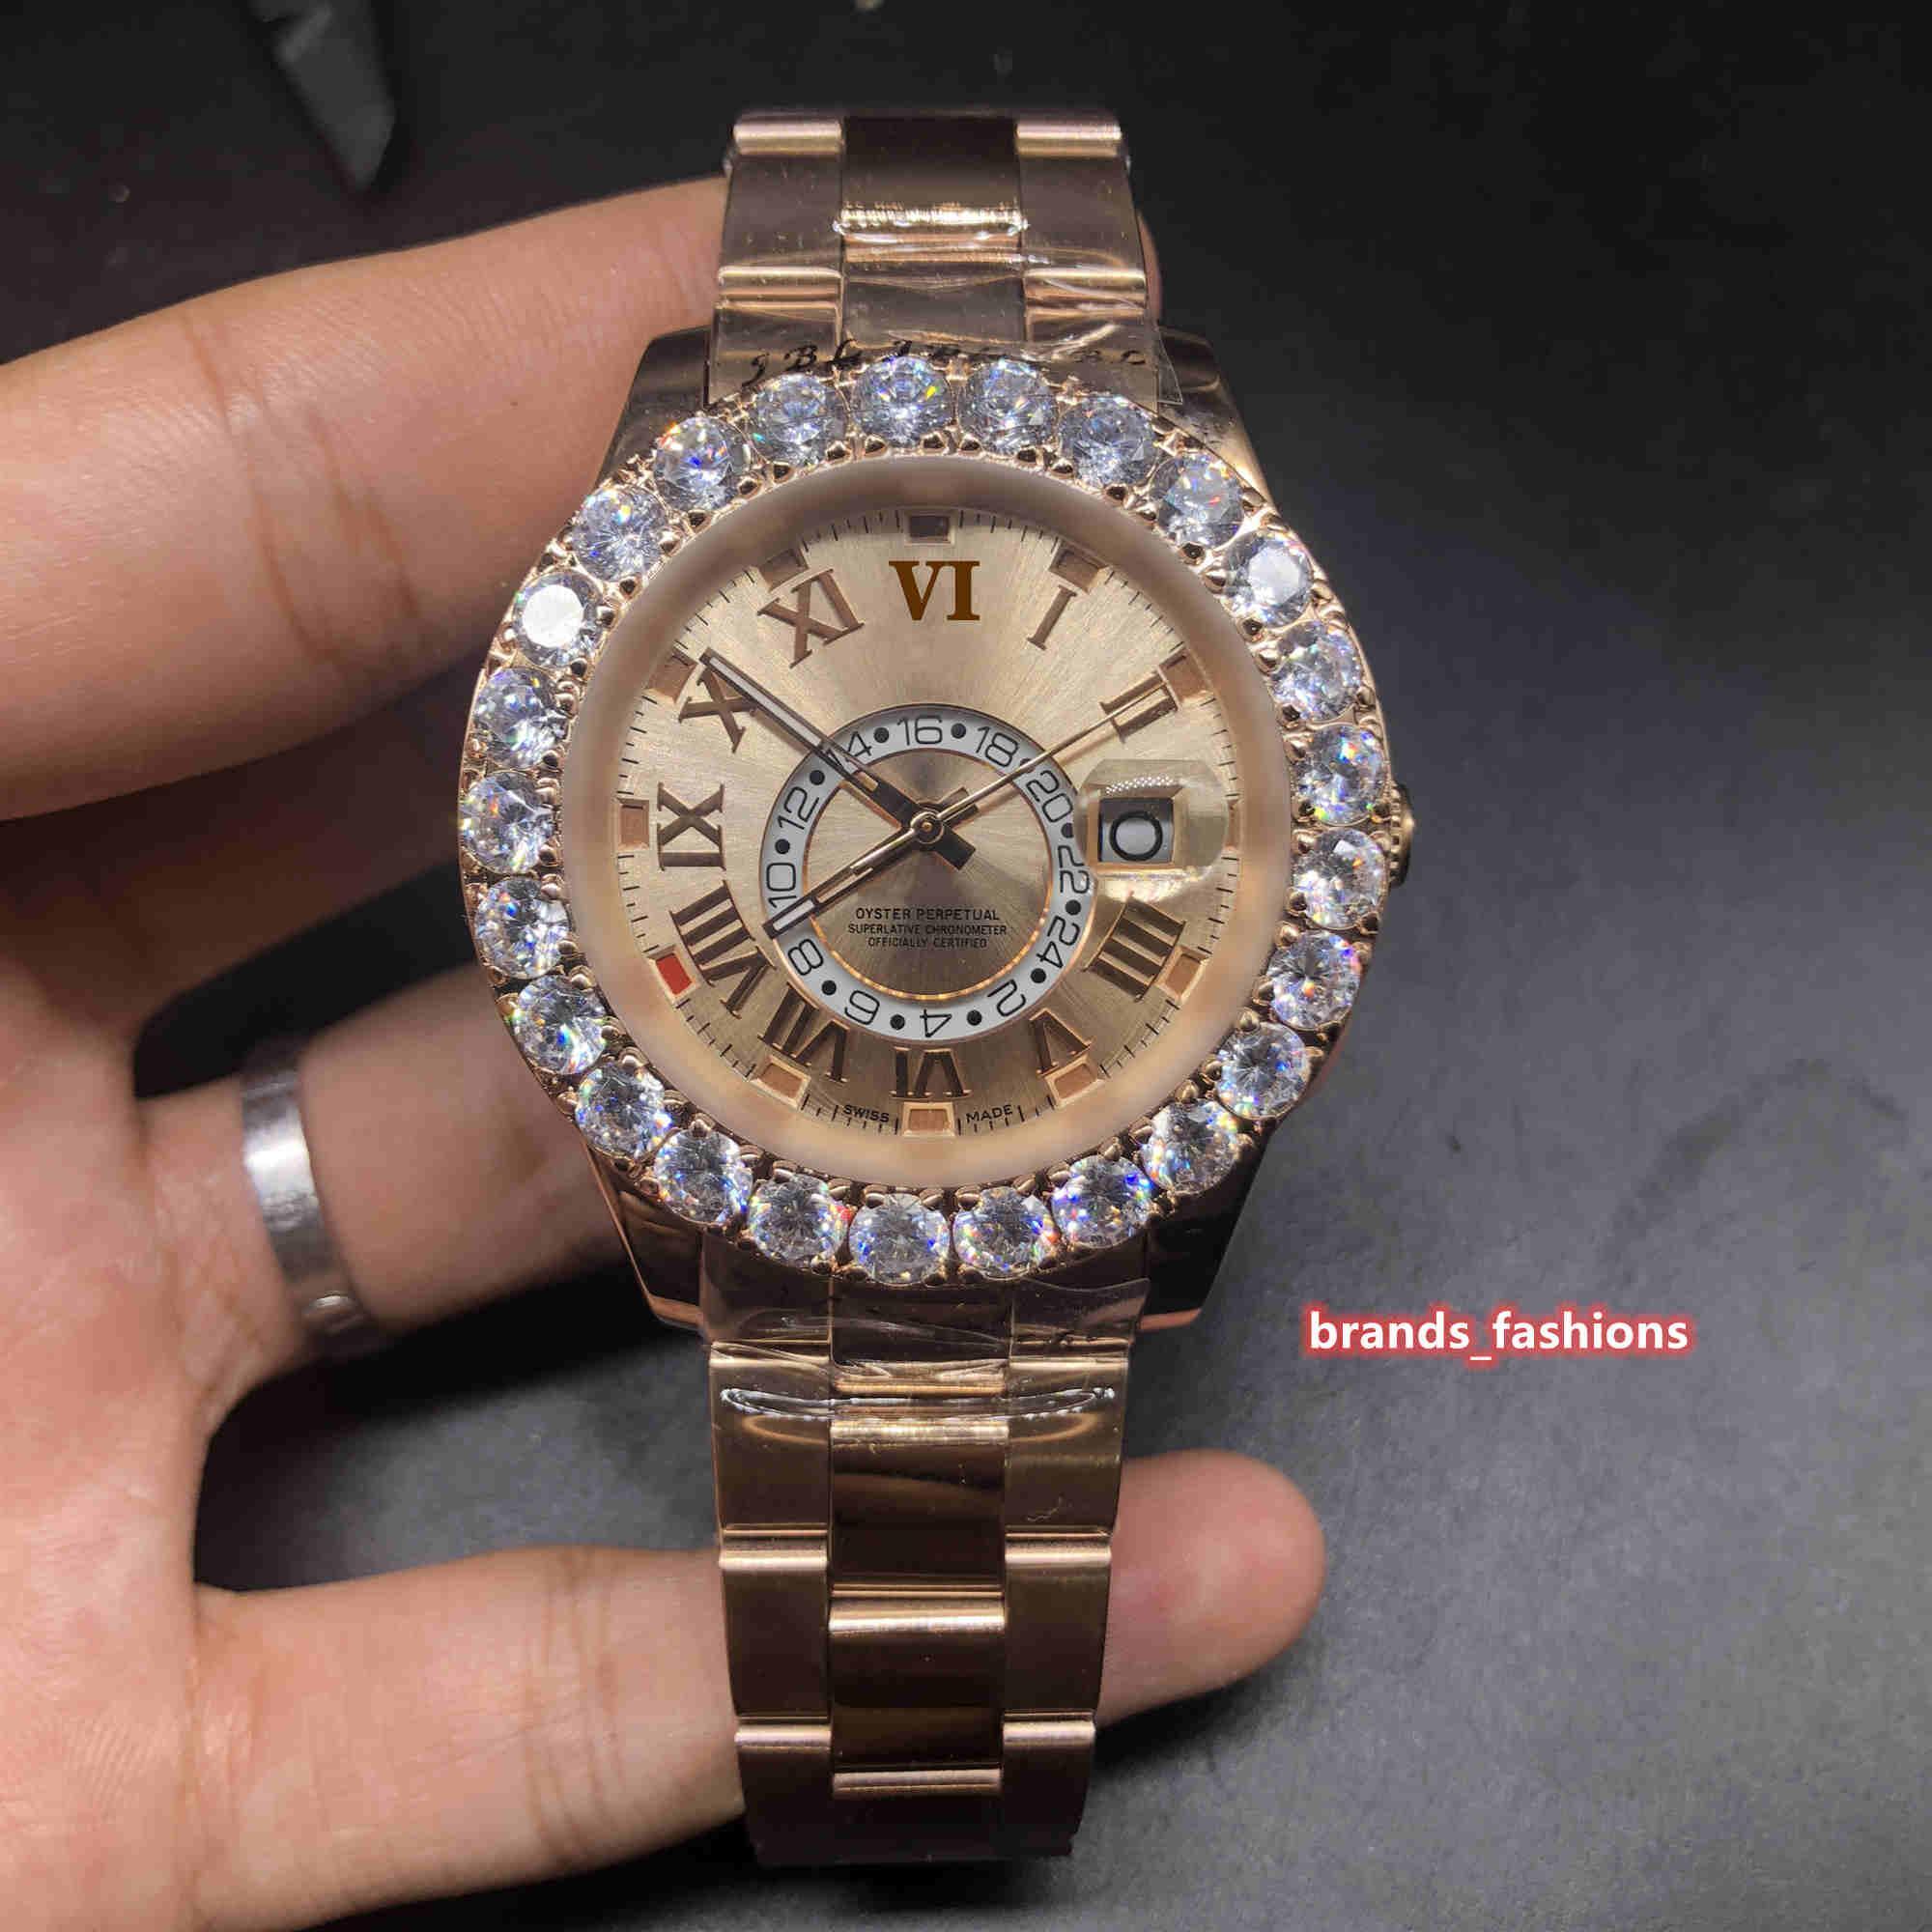 بوتيك رجال الأعمال الأزياء الساعات روز الذهب الفولاذ المقاوم للصدأ ووتش الشق مجموعة الماس ووتش التلقائية الميكانيكية ساعة اليد الرياضة